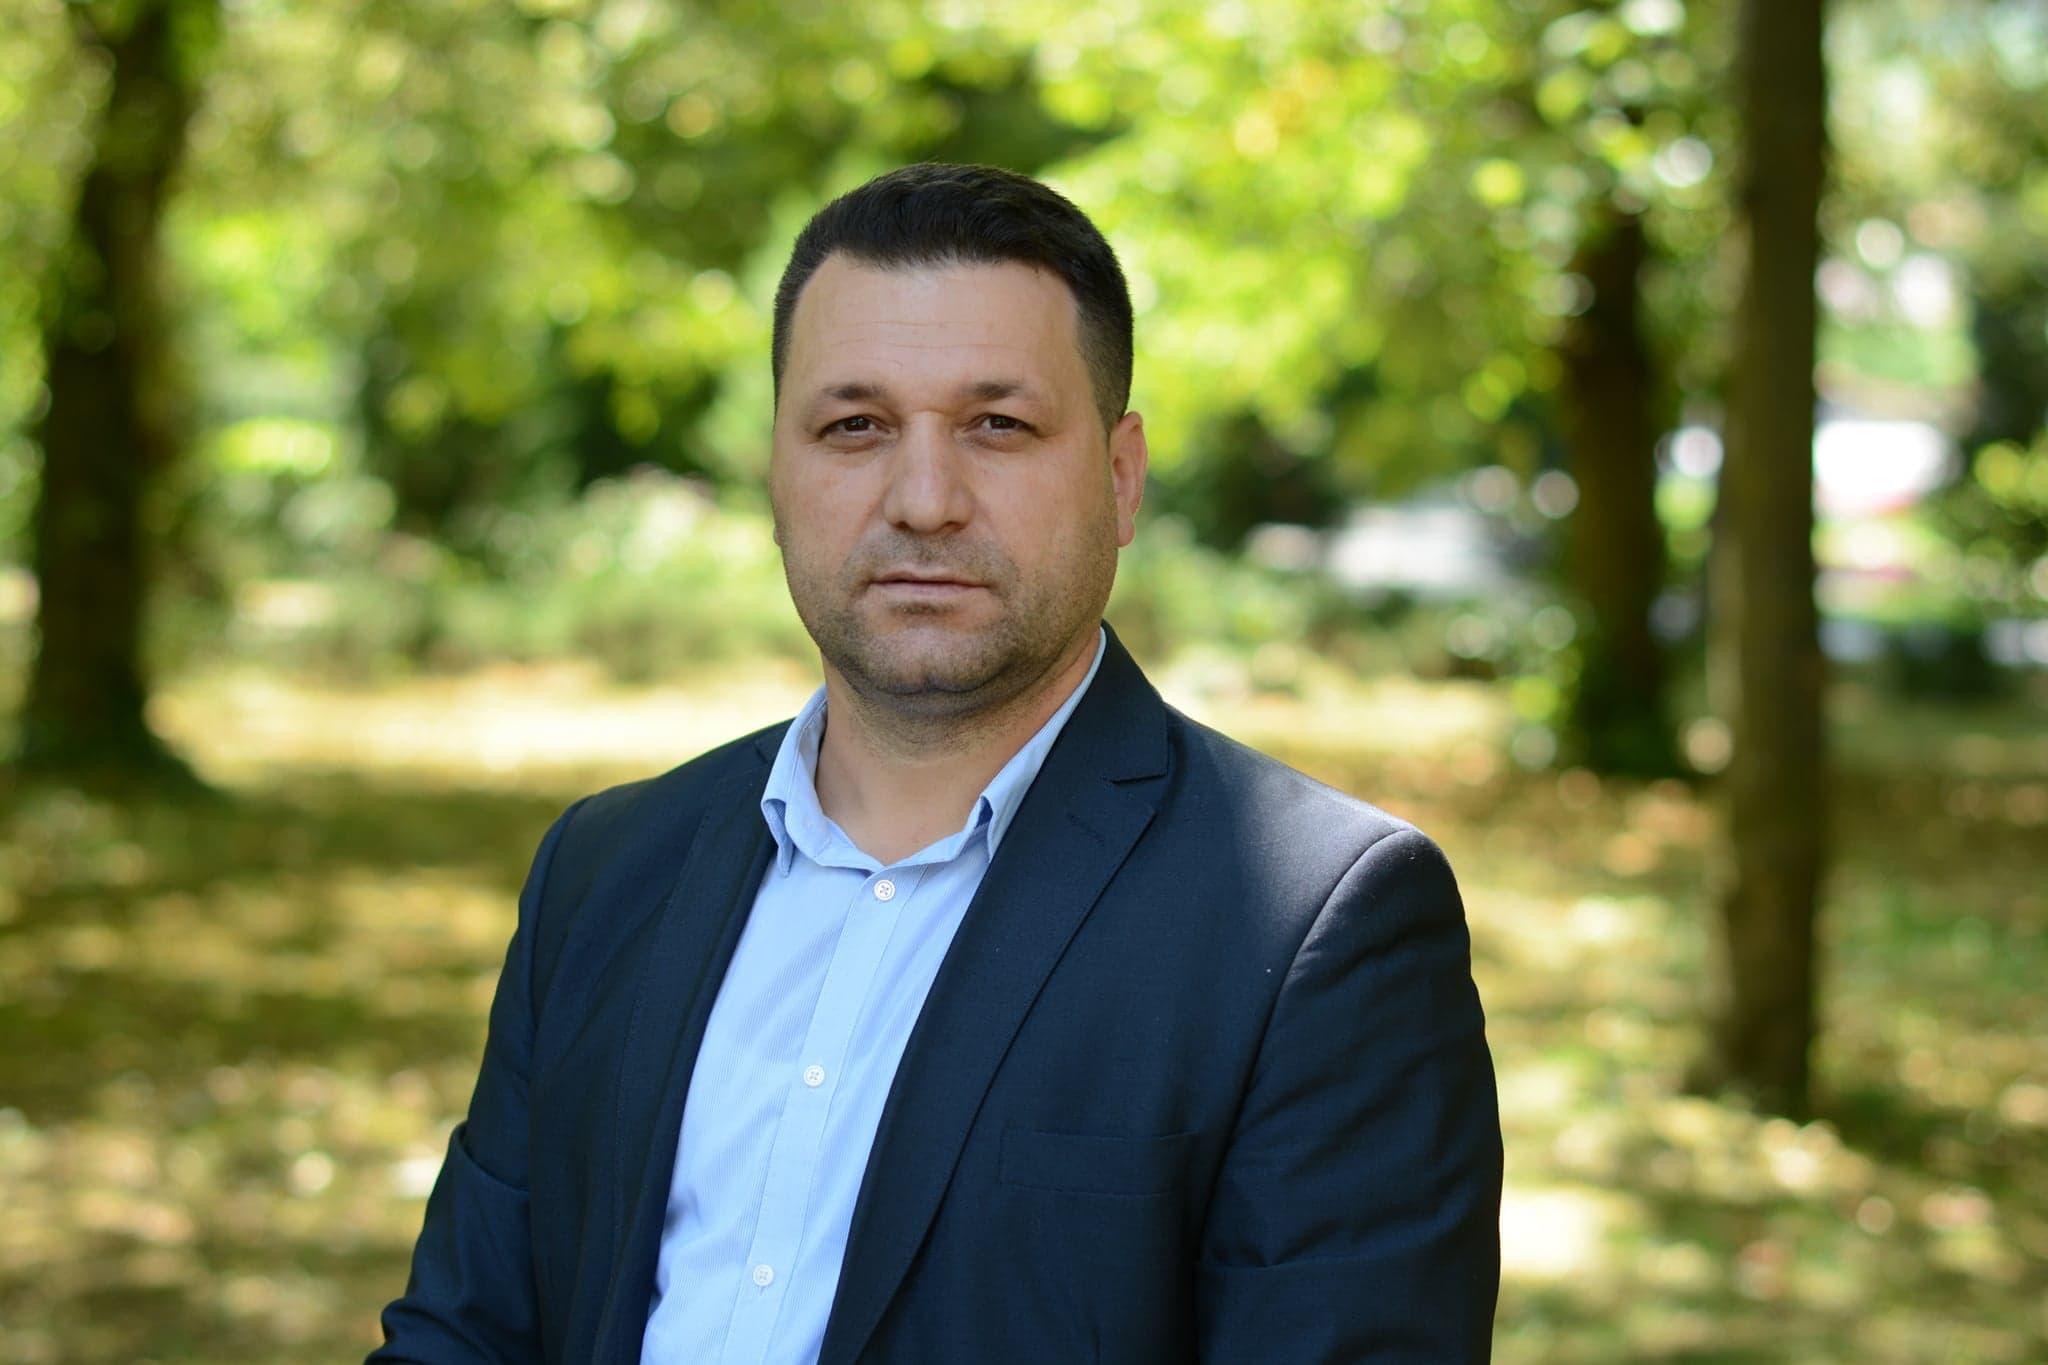 Primăria Goleşti are nevoie de un primar tânăr şi ambiţios